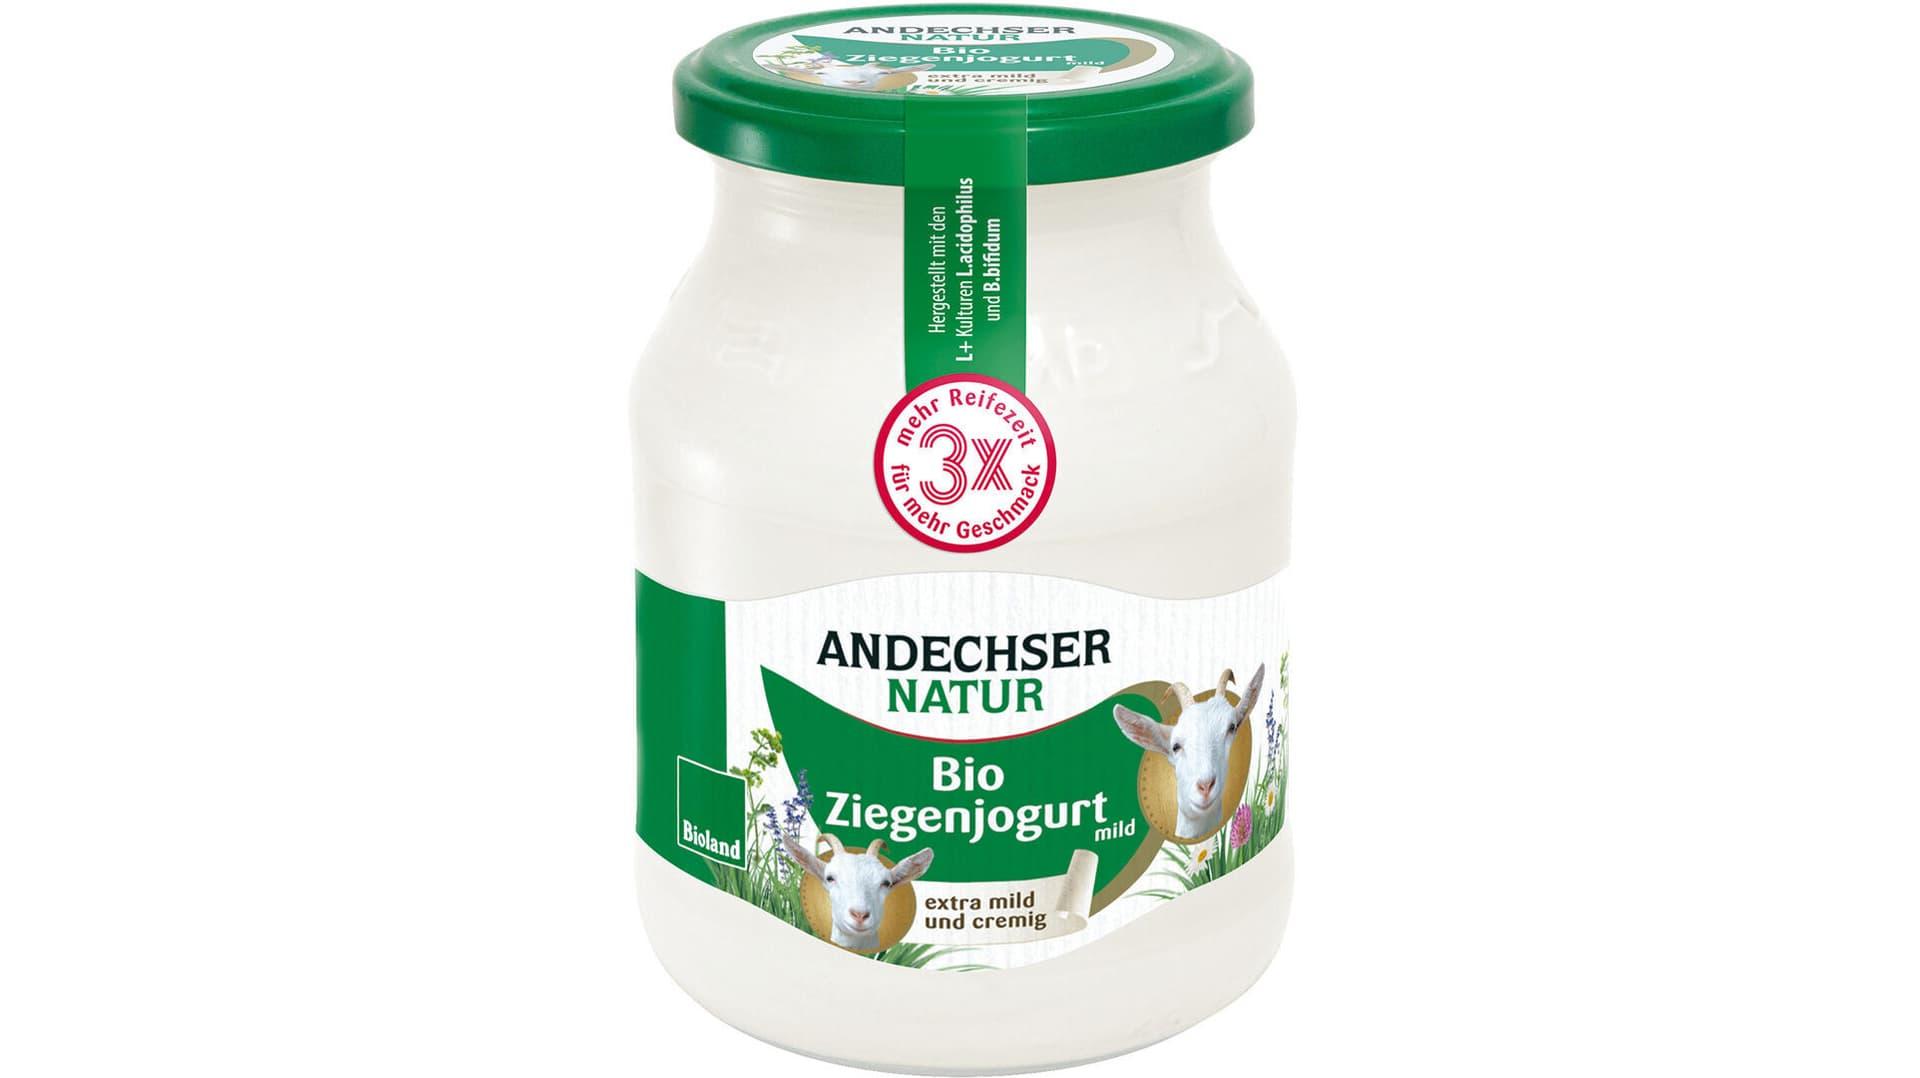 Bio-Ziegenjoghurt von Andechser